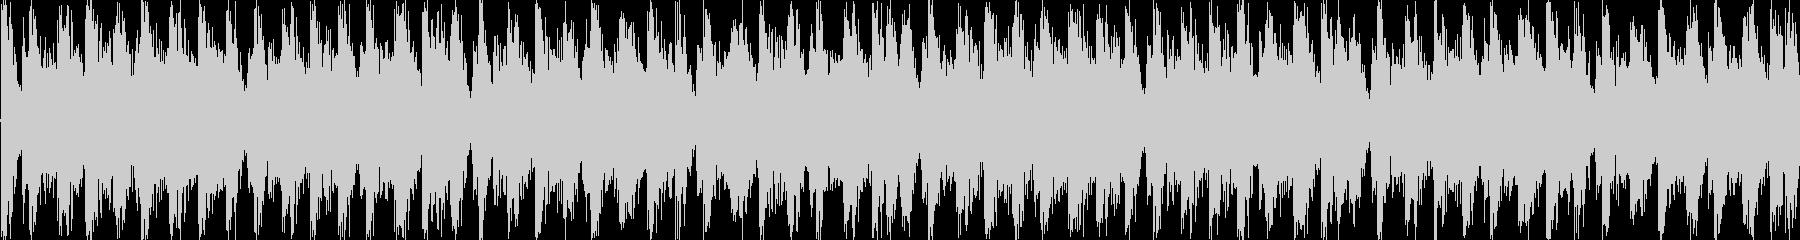 スタイリッシュで不穏な曲 ループ処理1の未再生の波形